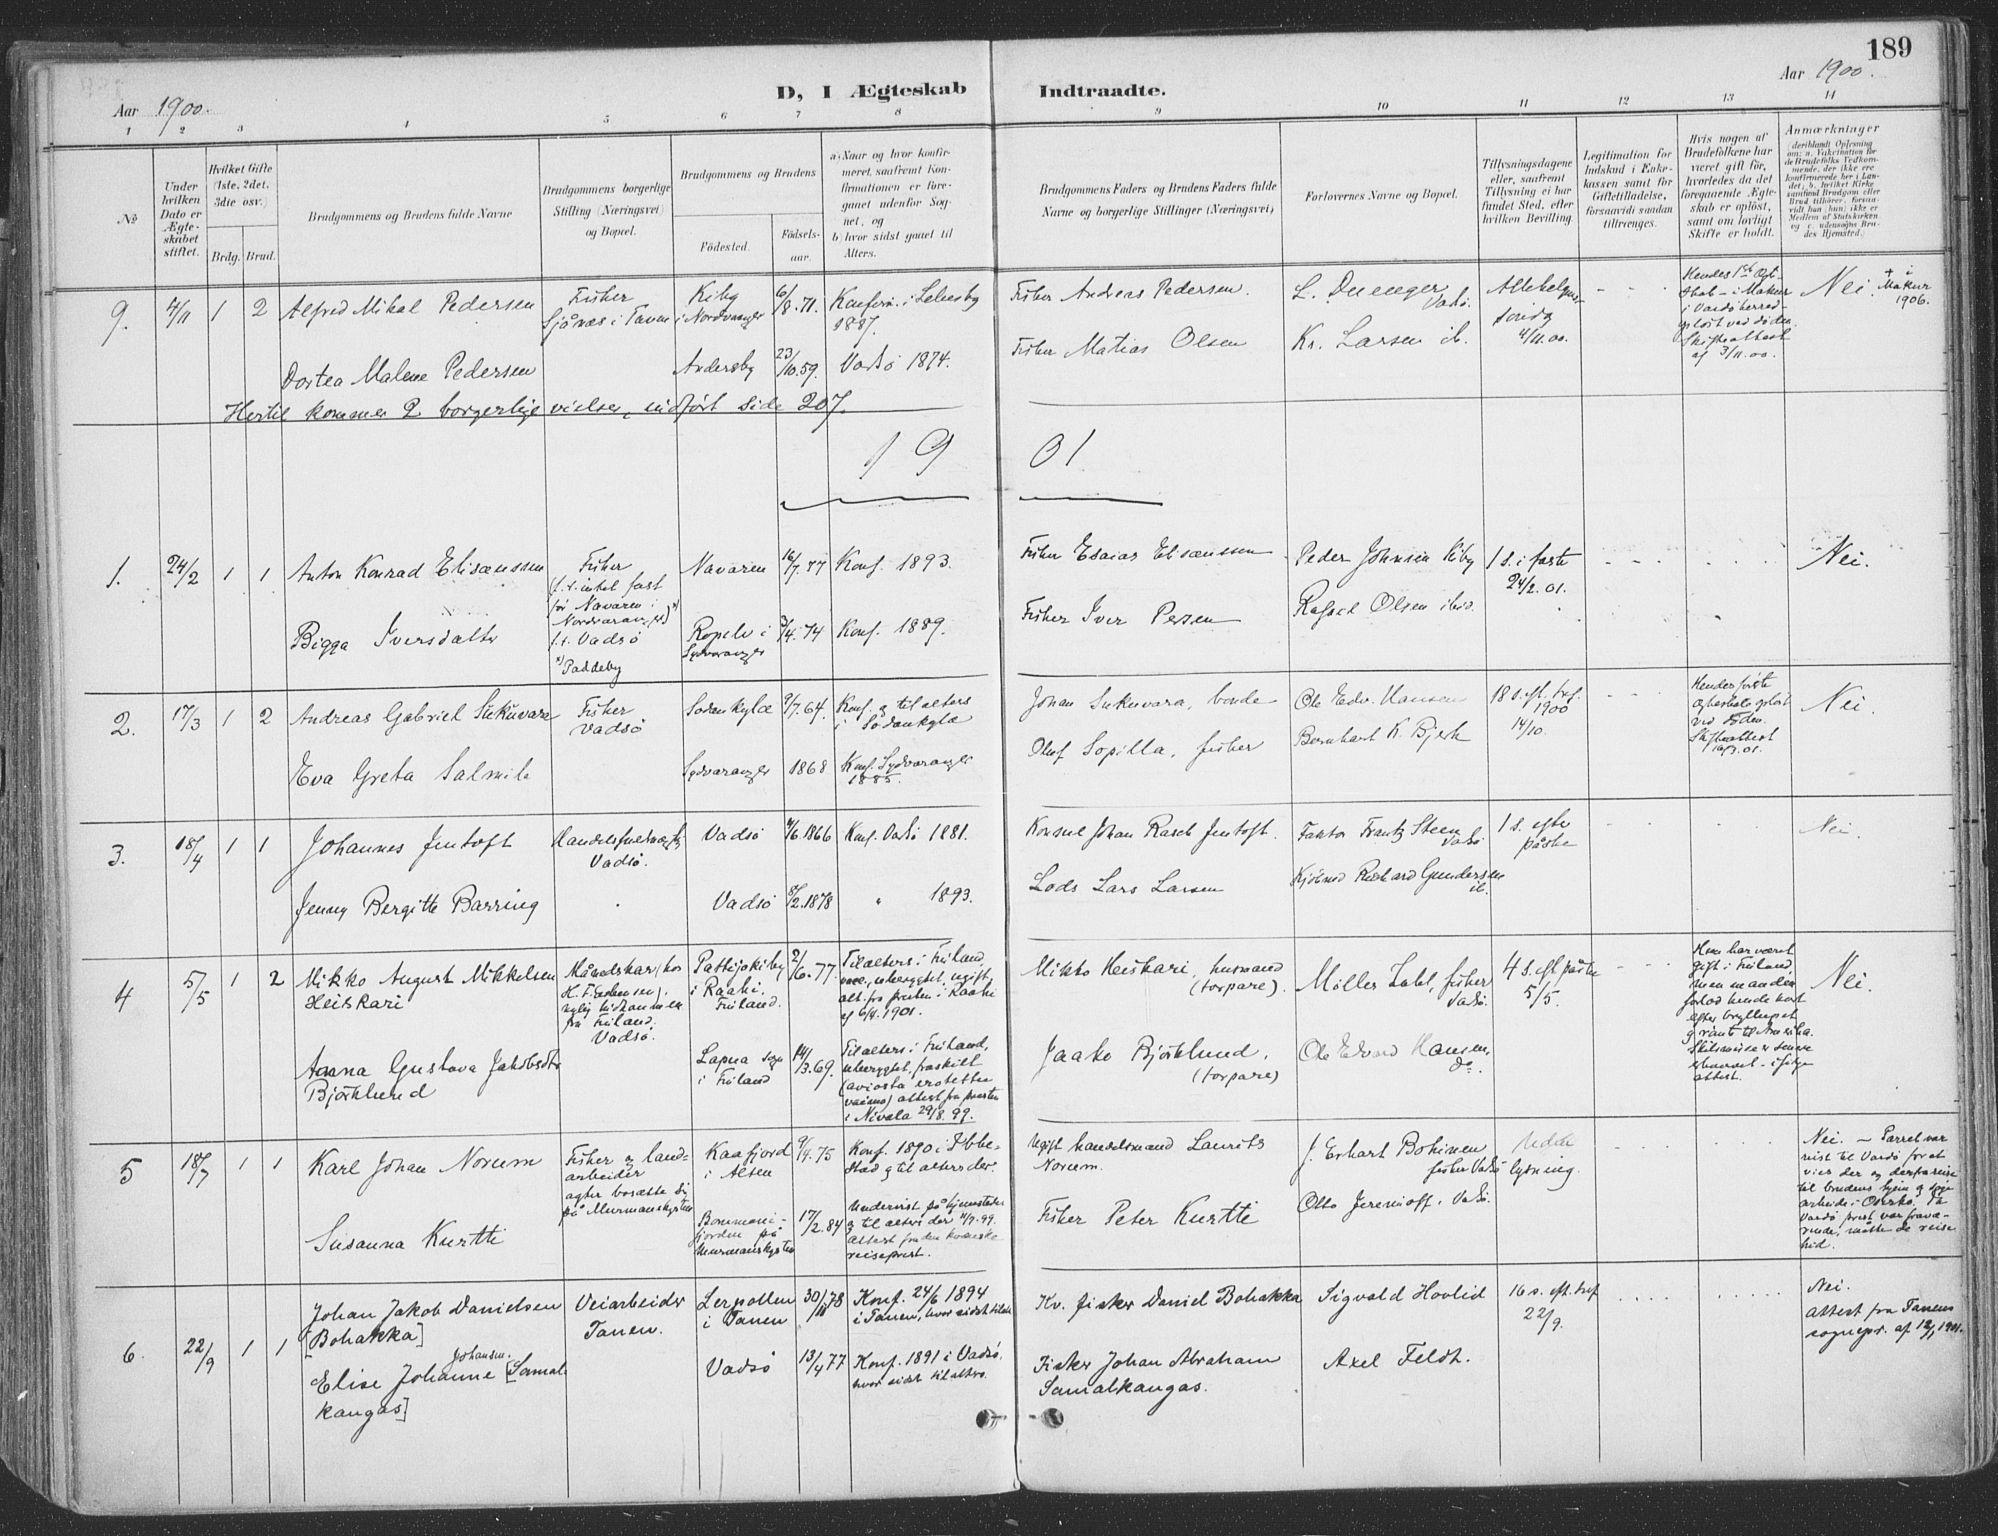 SATØ, Vadsø sokneprestkontor, H/Ha/L0007kirke: Ministerialbok nr. 7, 1896-1916, s. 189